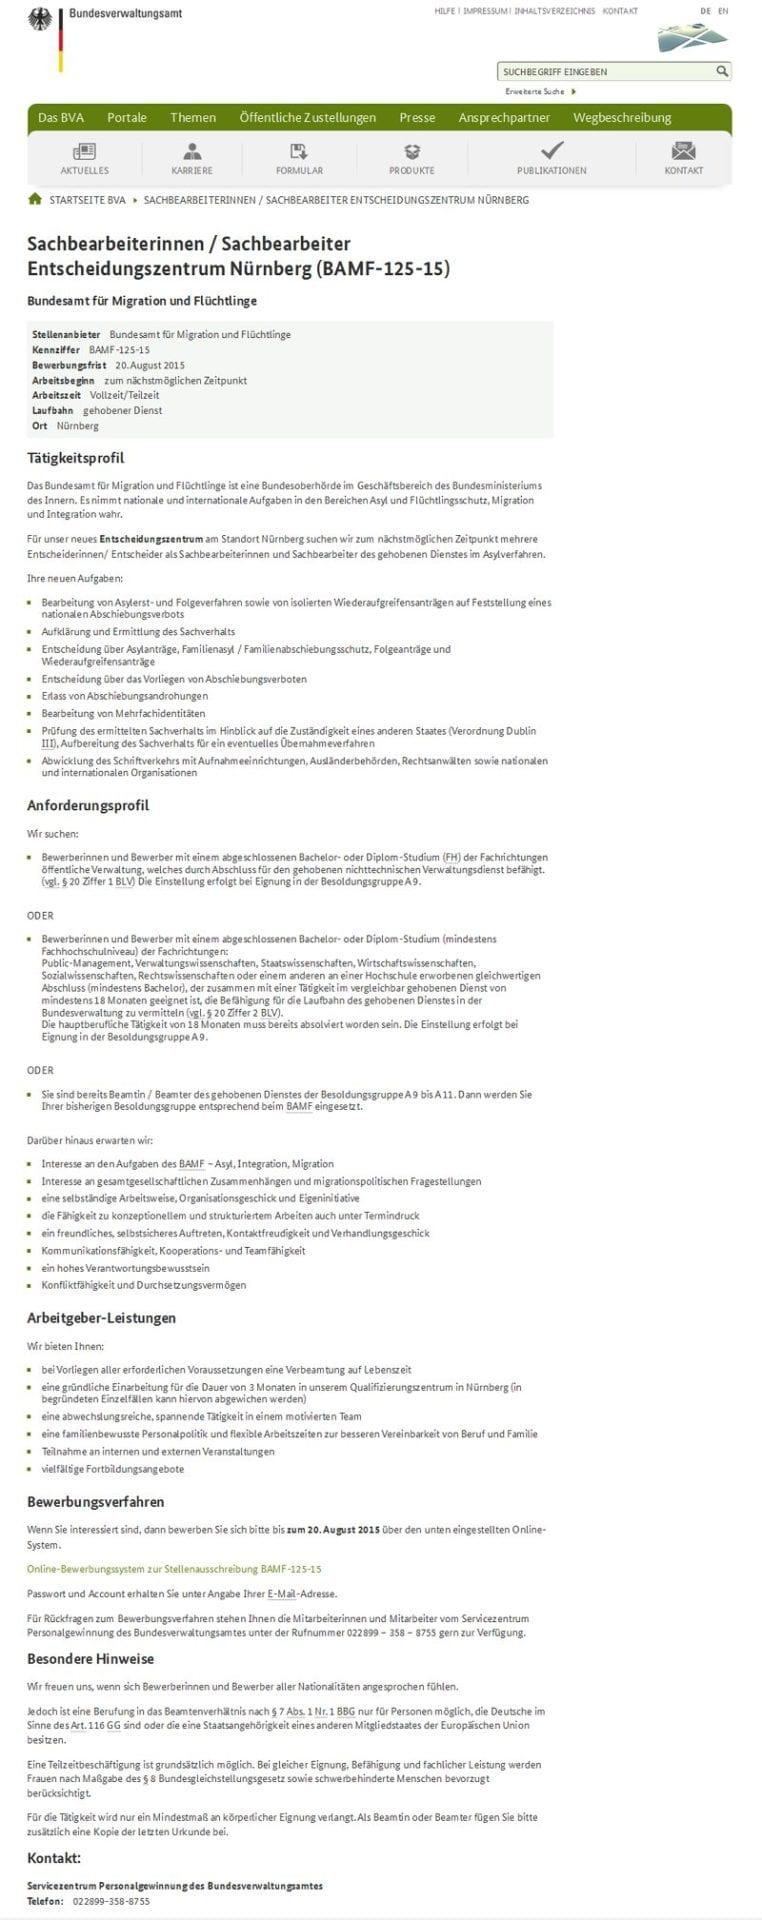 Sachbearbeiter Entscheidungszentrum Nürnberg - Website bva